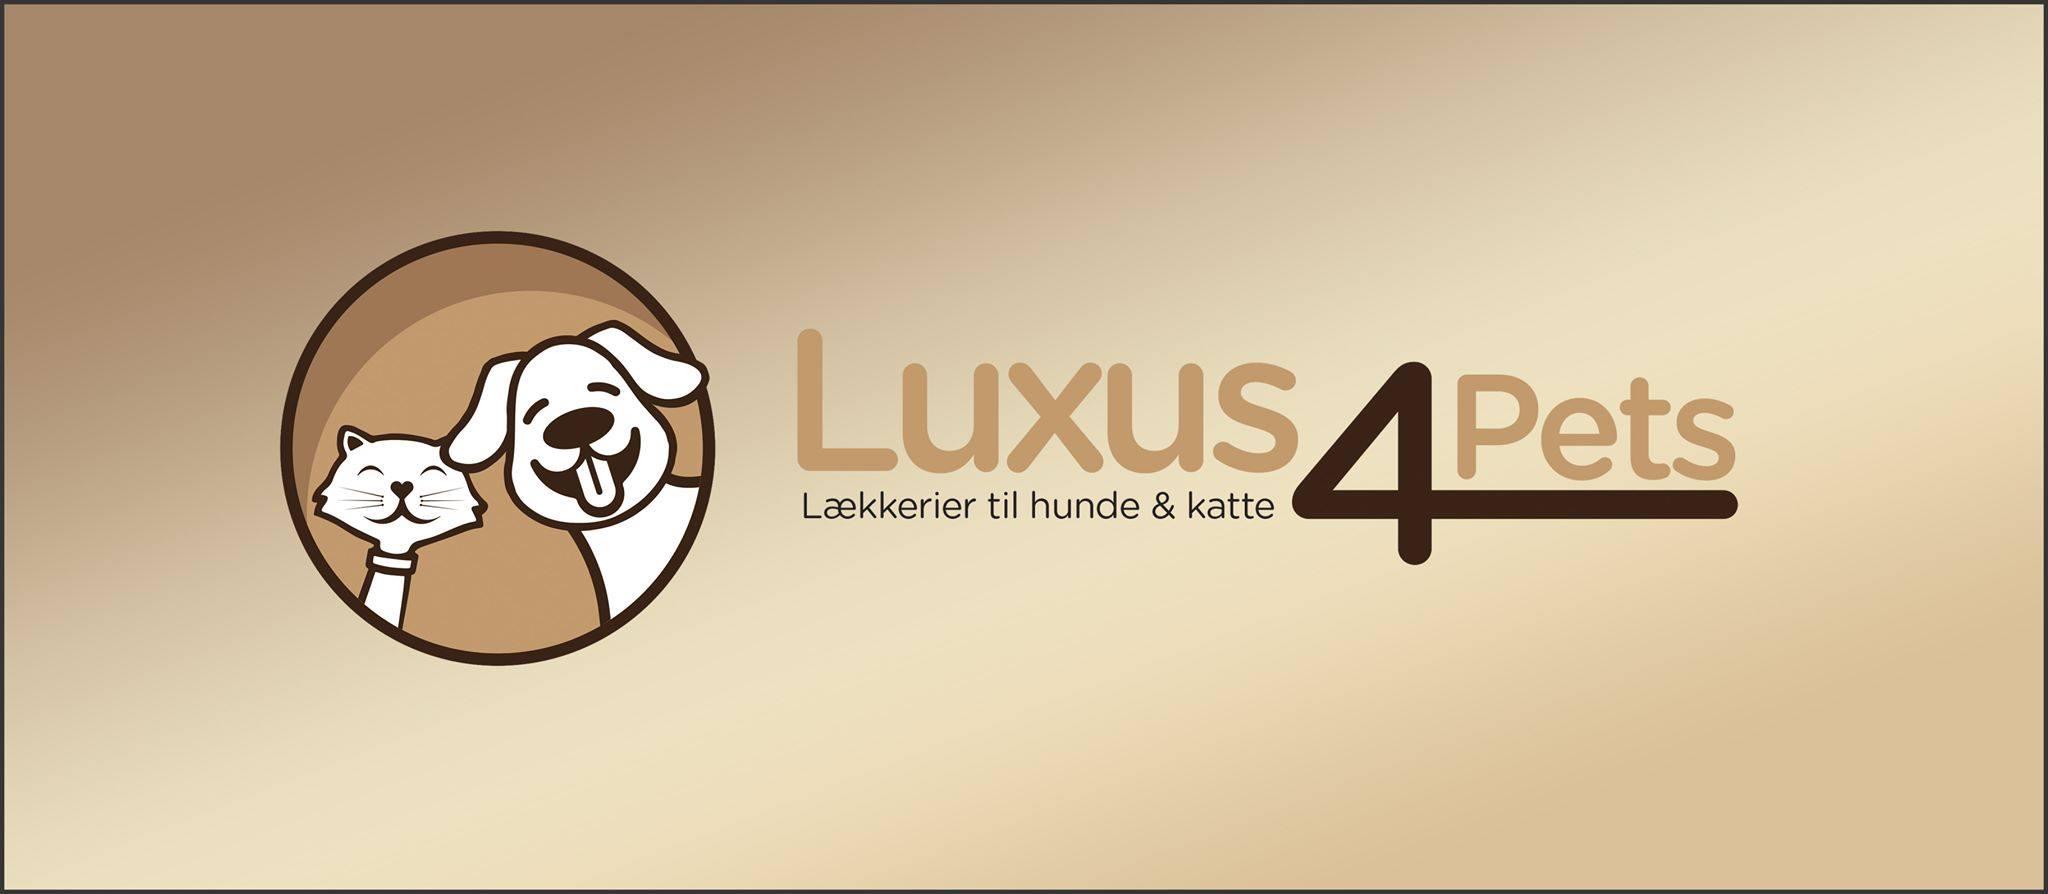 LUXUS4PETS.DK